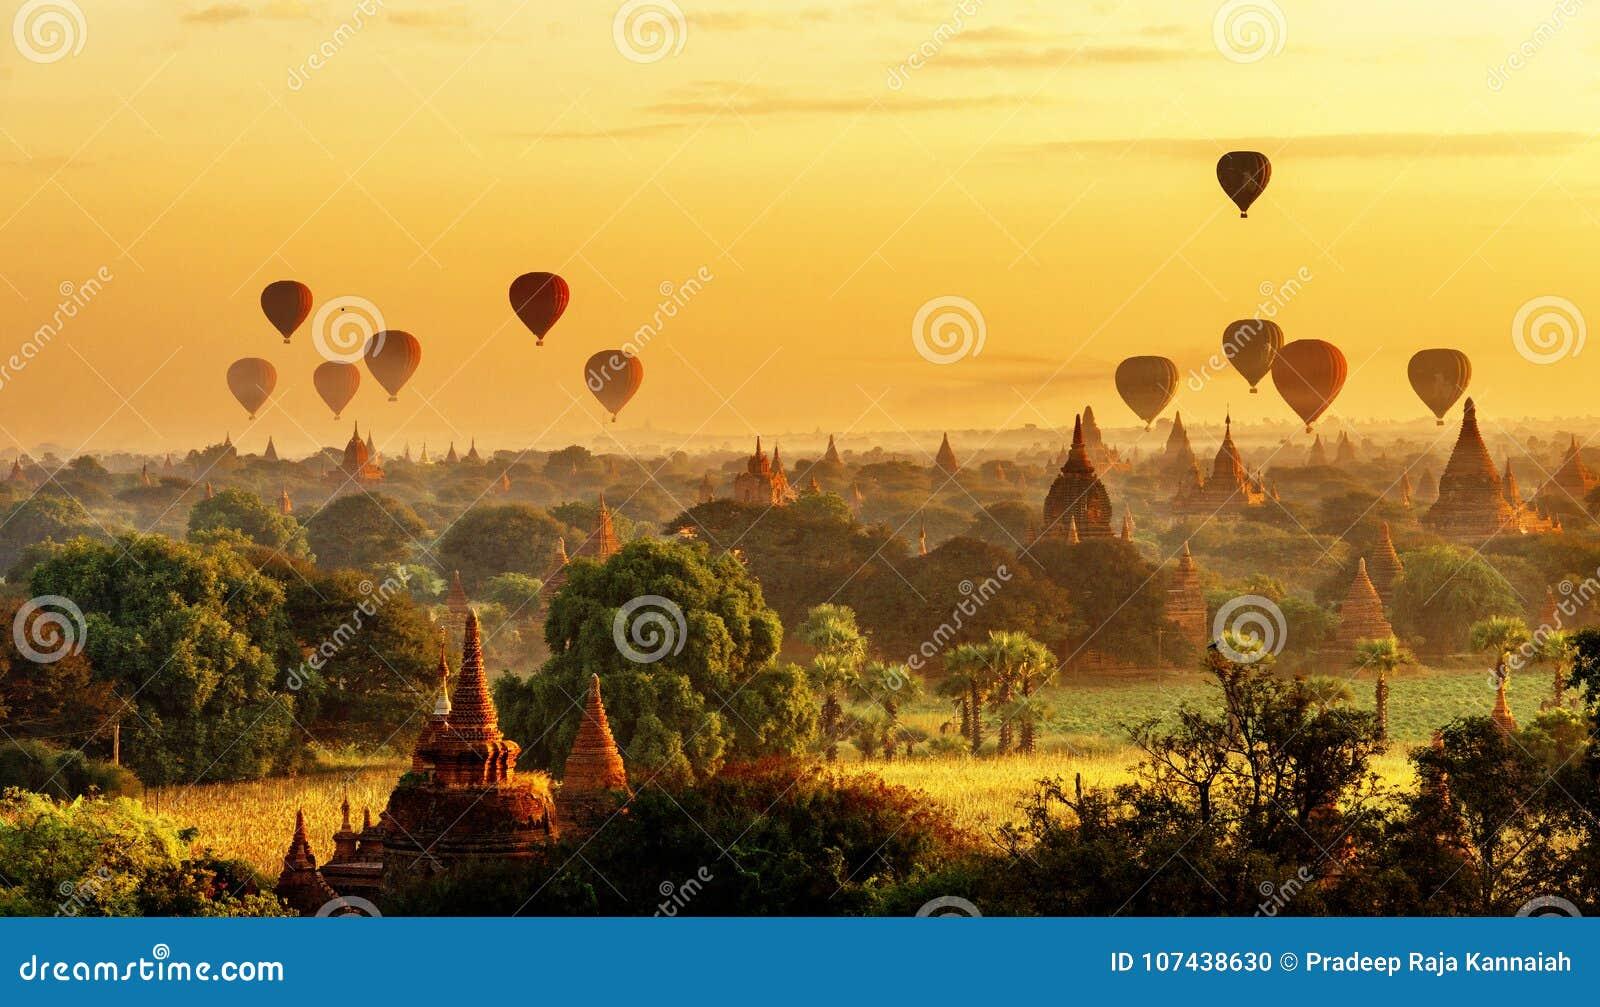 Vue de lever de soleil de belles pagodas et de ballons à air chauds, Myanmar